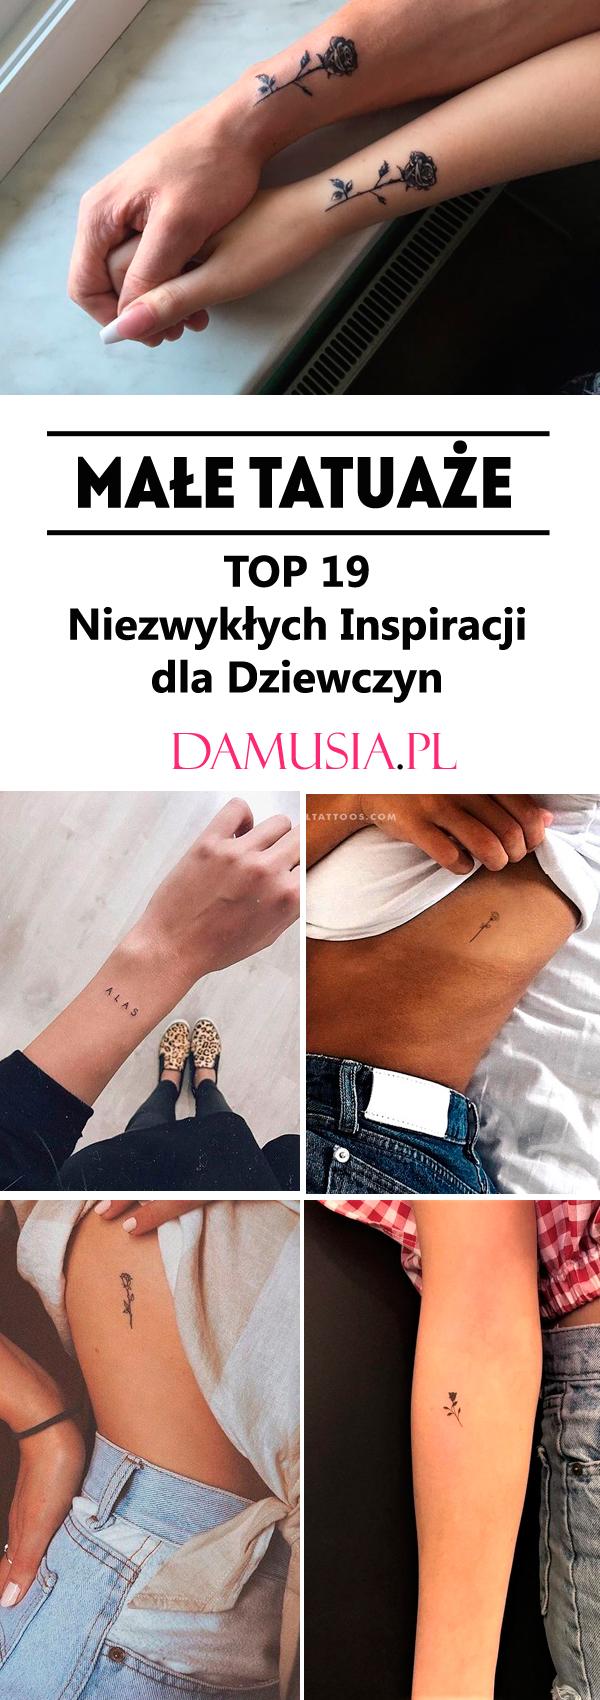 Małe Tatuaże Top 19 Niezwykłych Inspiracji Dla Dziewczyn